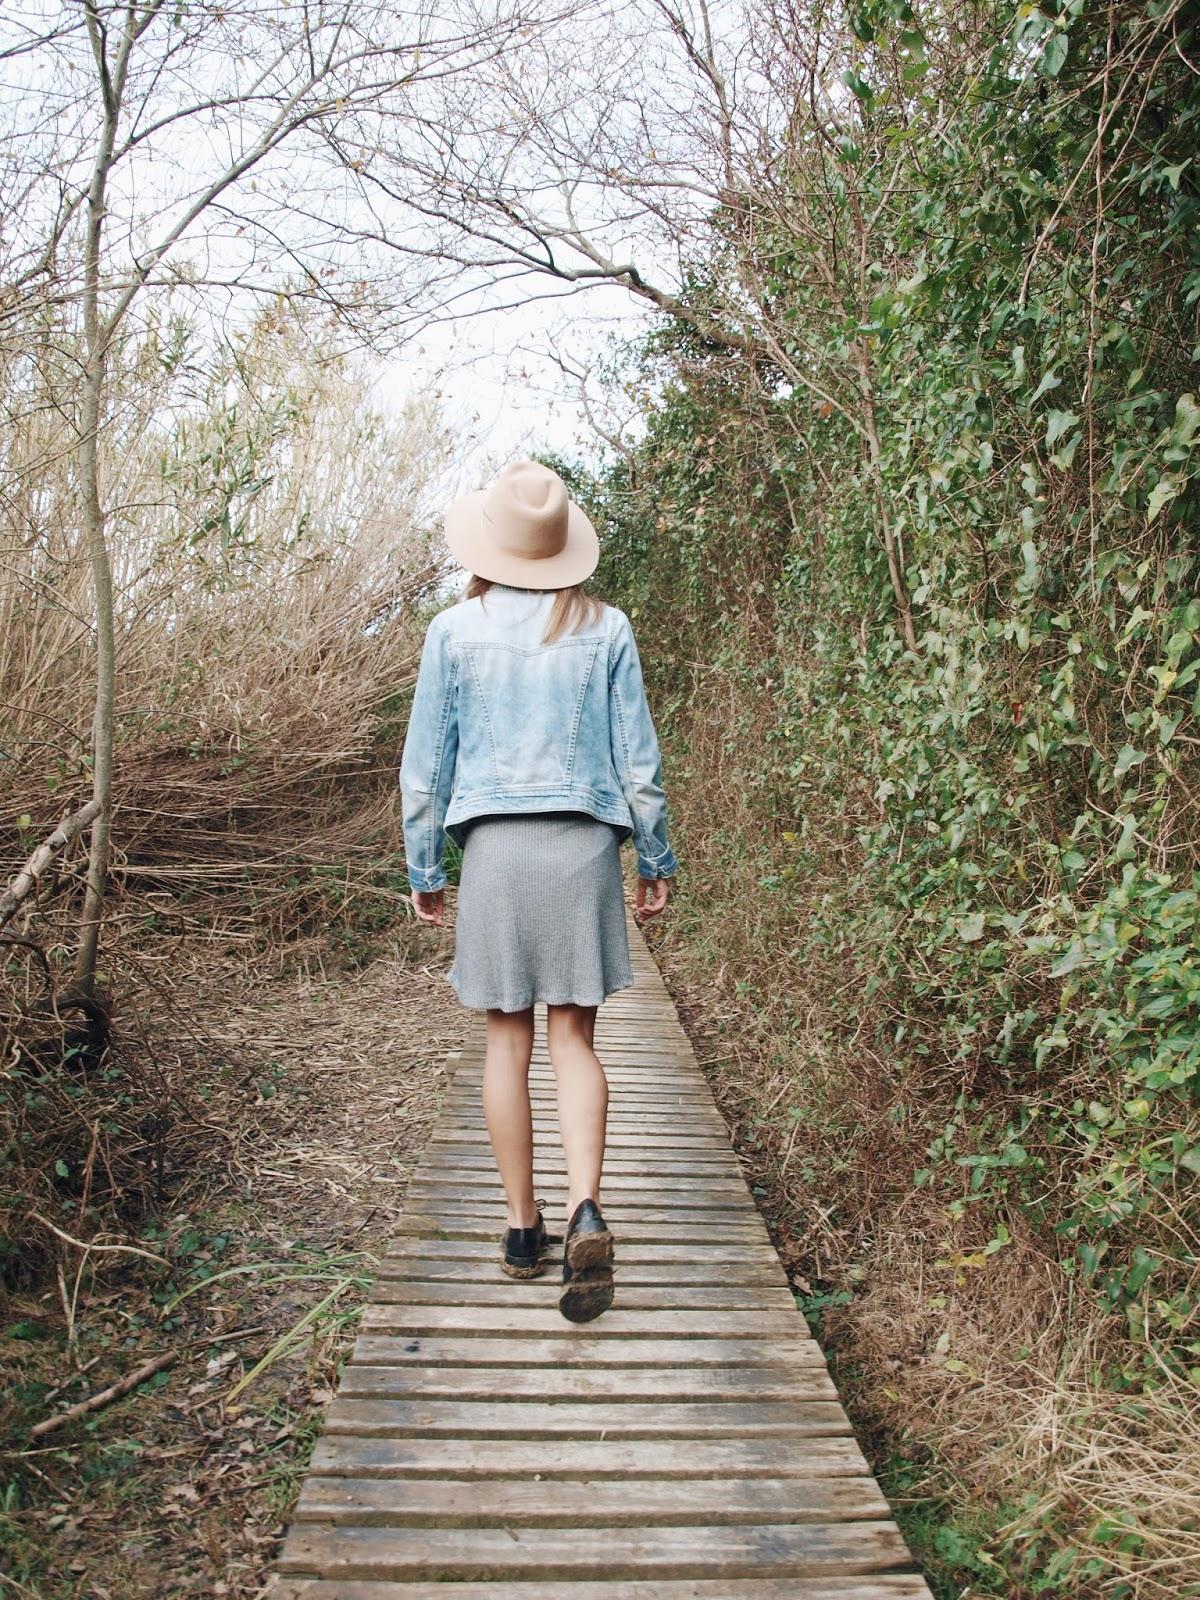 coastal-outing-hendaye-coastalandco-blog-blogger-chateaudabadie-corniche-paysbasque-fashion-mode-sibling-famille-zara-laroseparis-hat-explore-nature